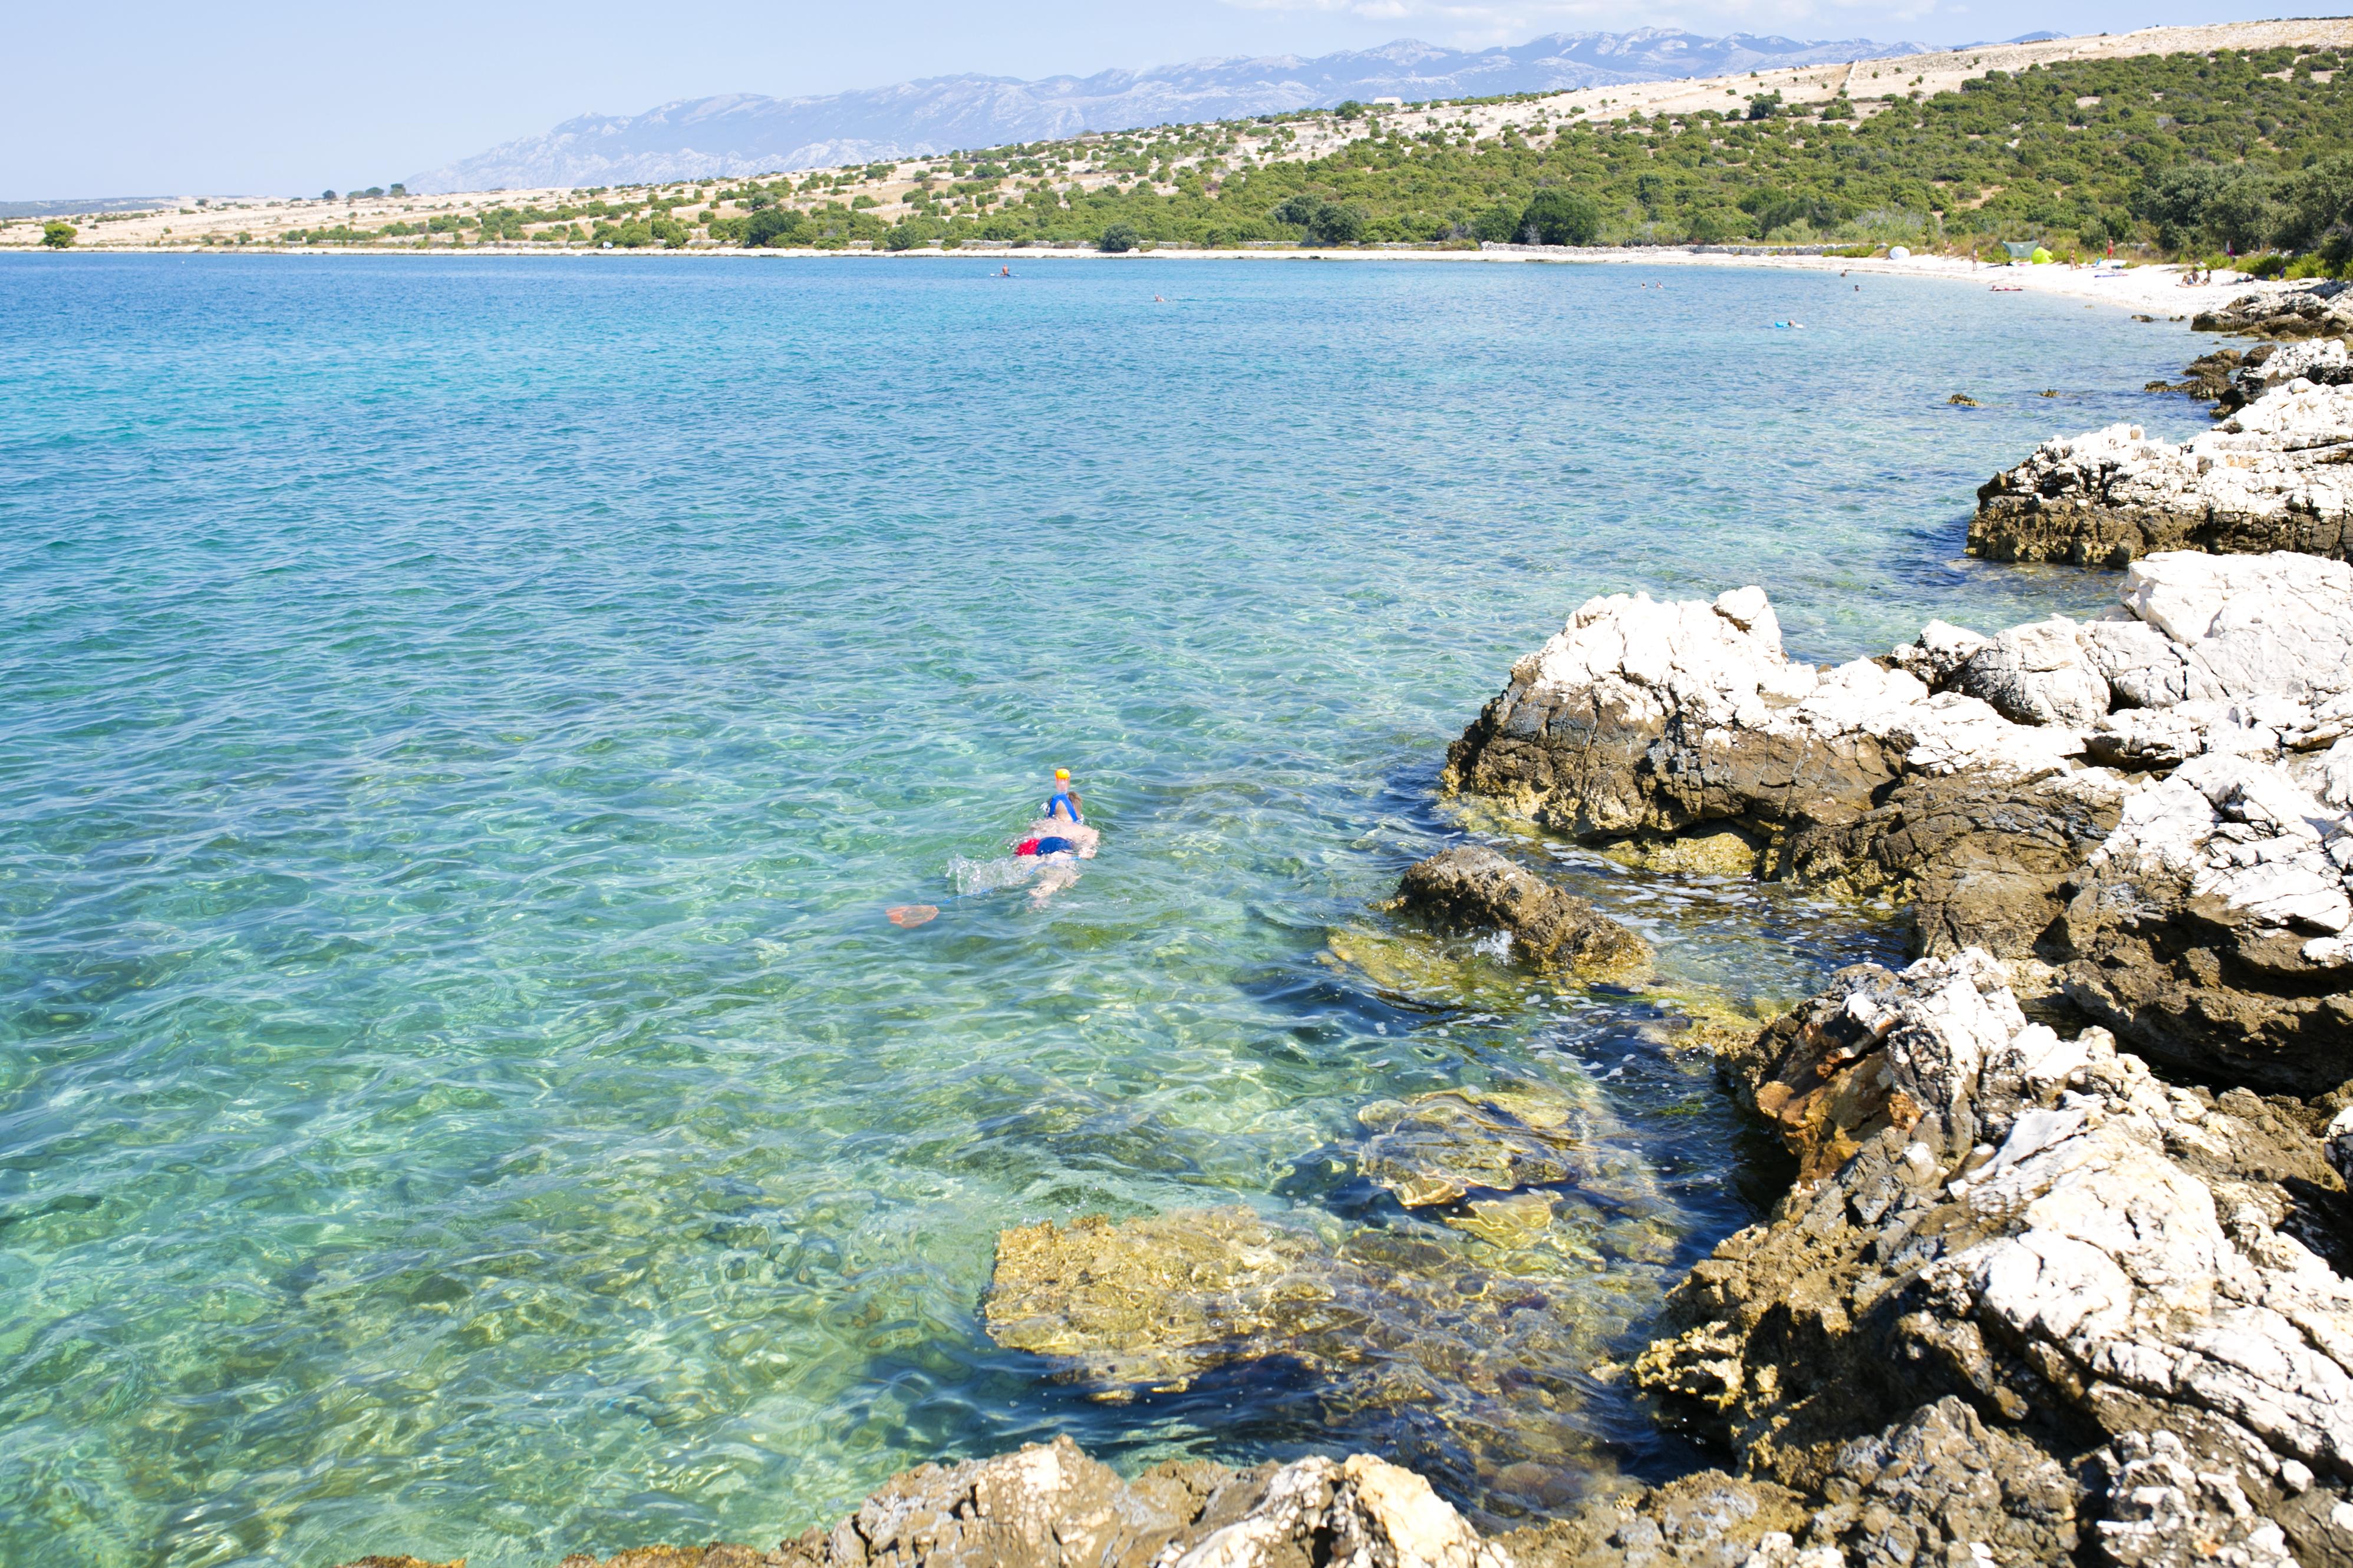 chorwacja snorking, chorwacja snorkowanie, plaże snorkowanie, chorwacja nurkowanie dzieci